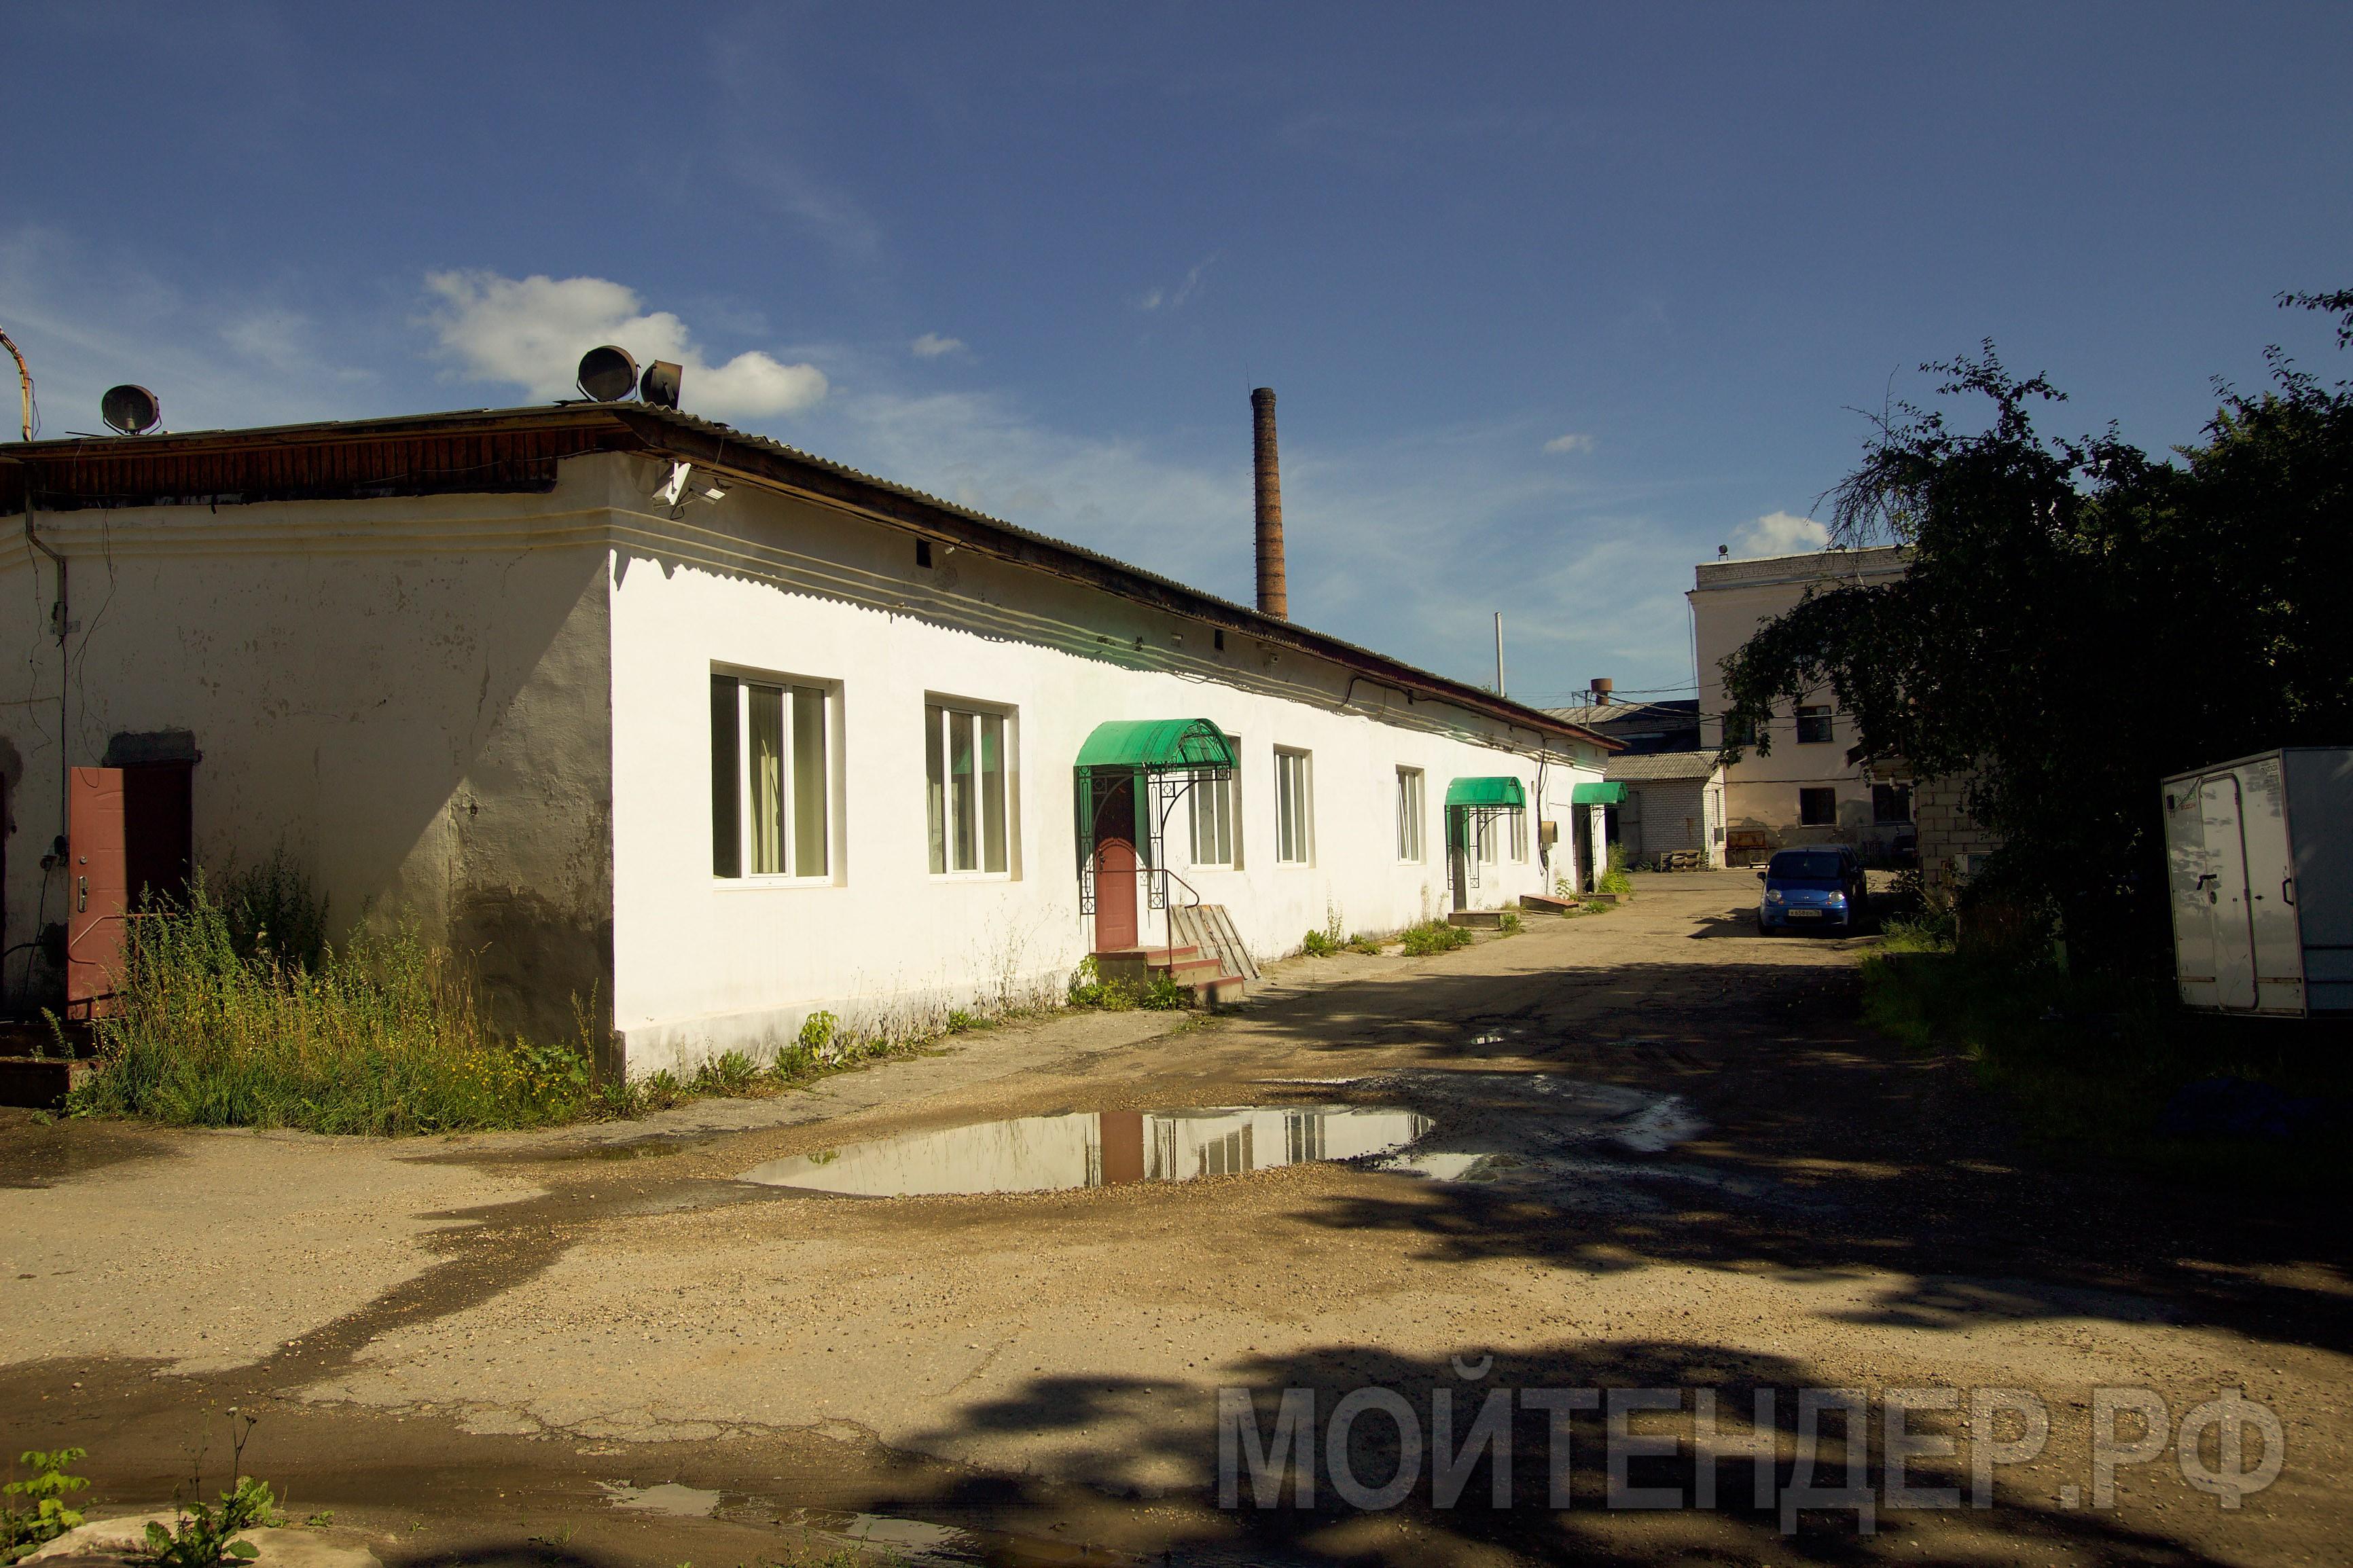 Мойтендер.рф-334-76-1732: Фото 5